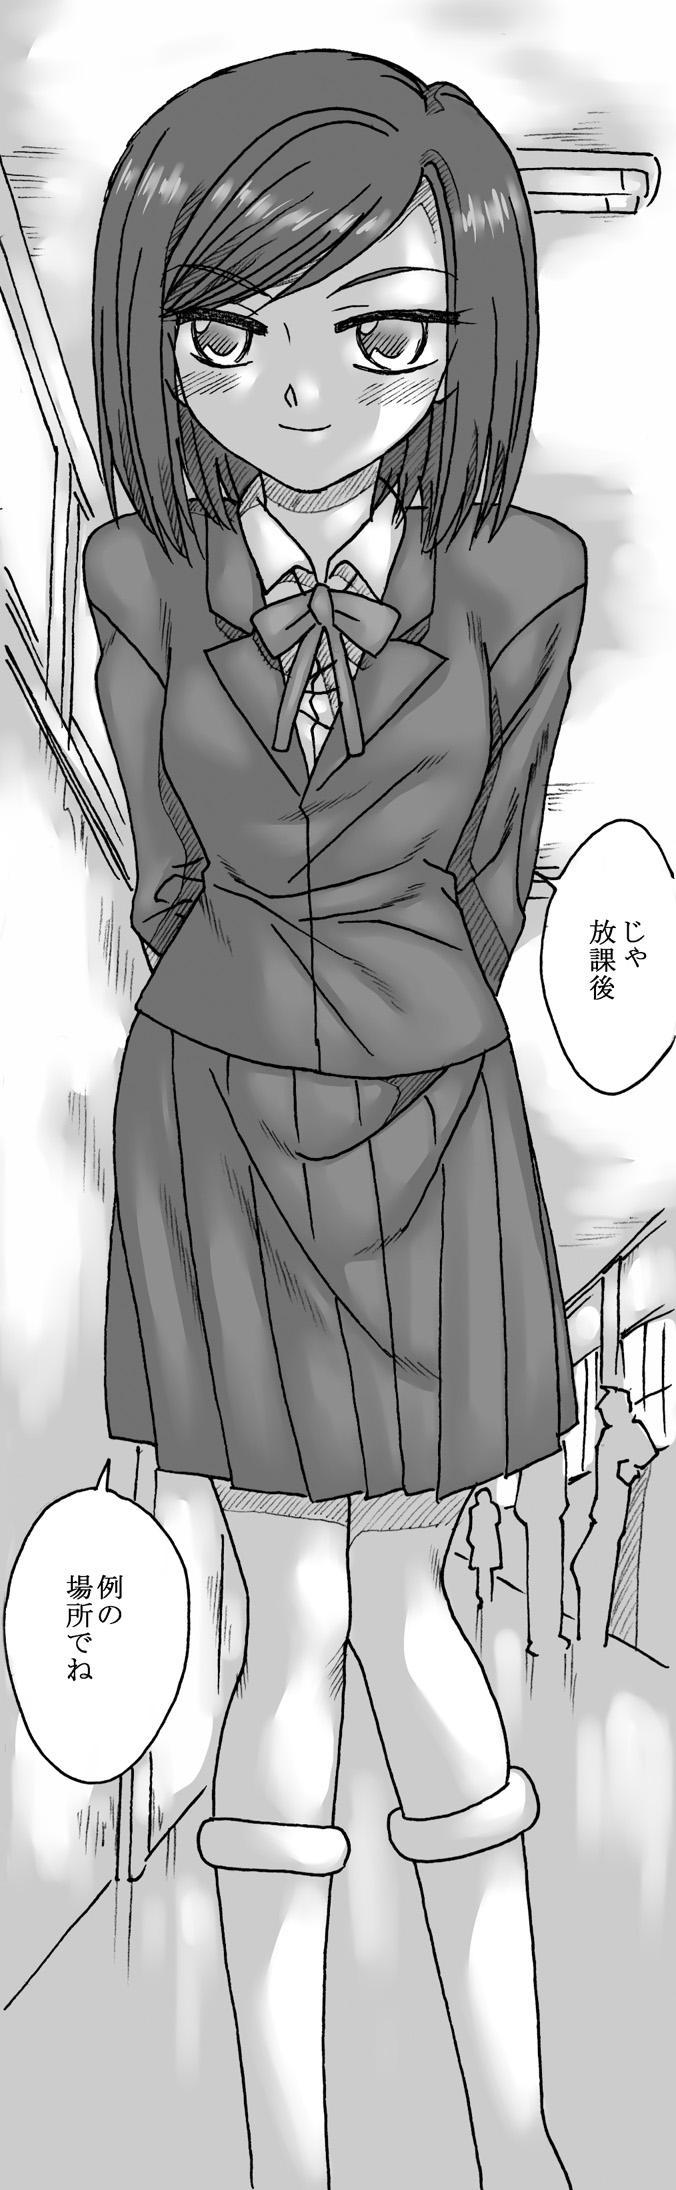 Dorodoro Shitamono 43